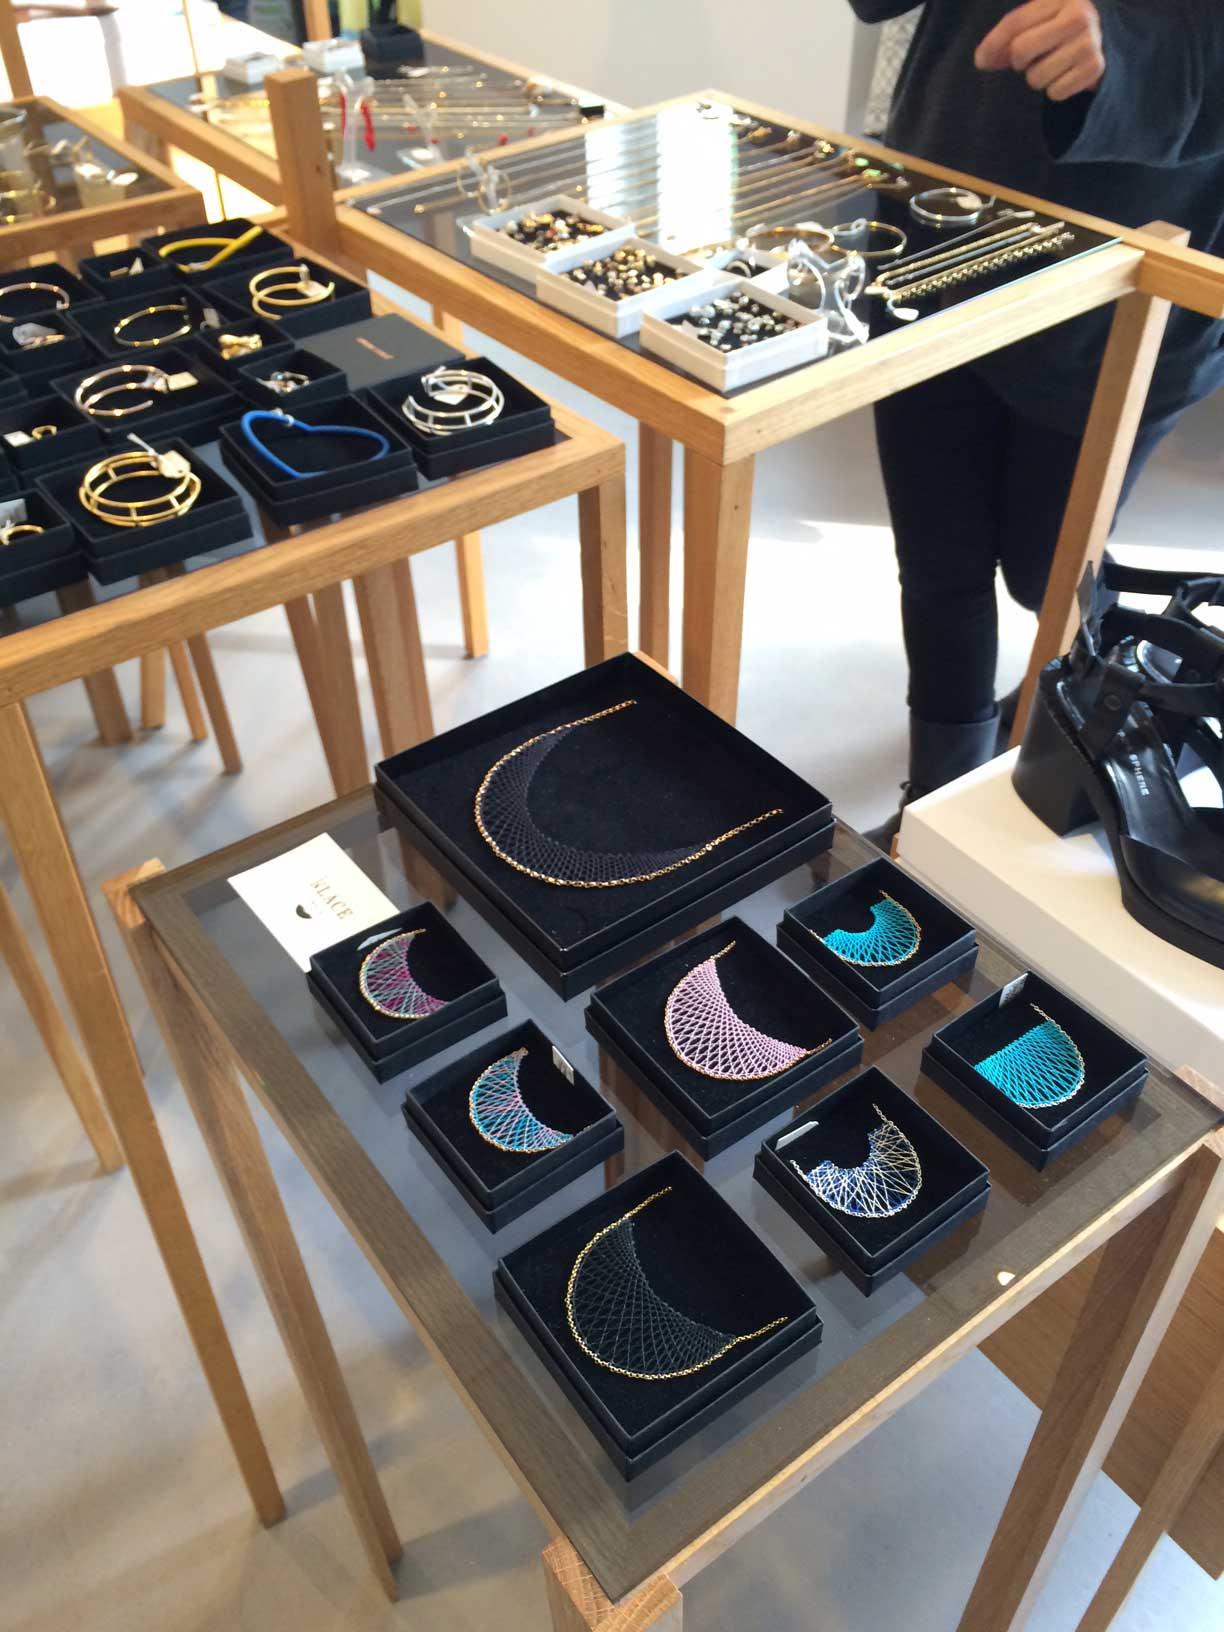 Inlace-Jewelry-Konk-Berlin-2